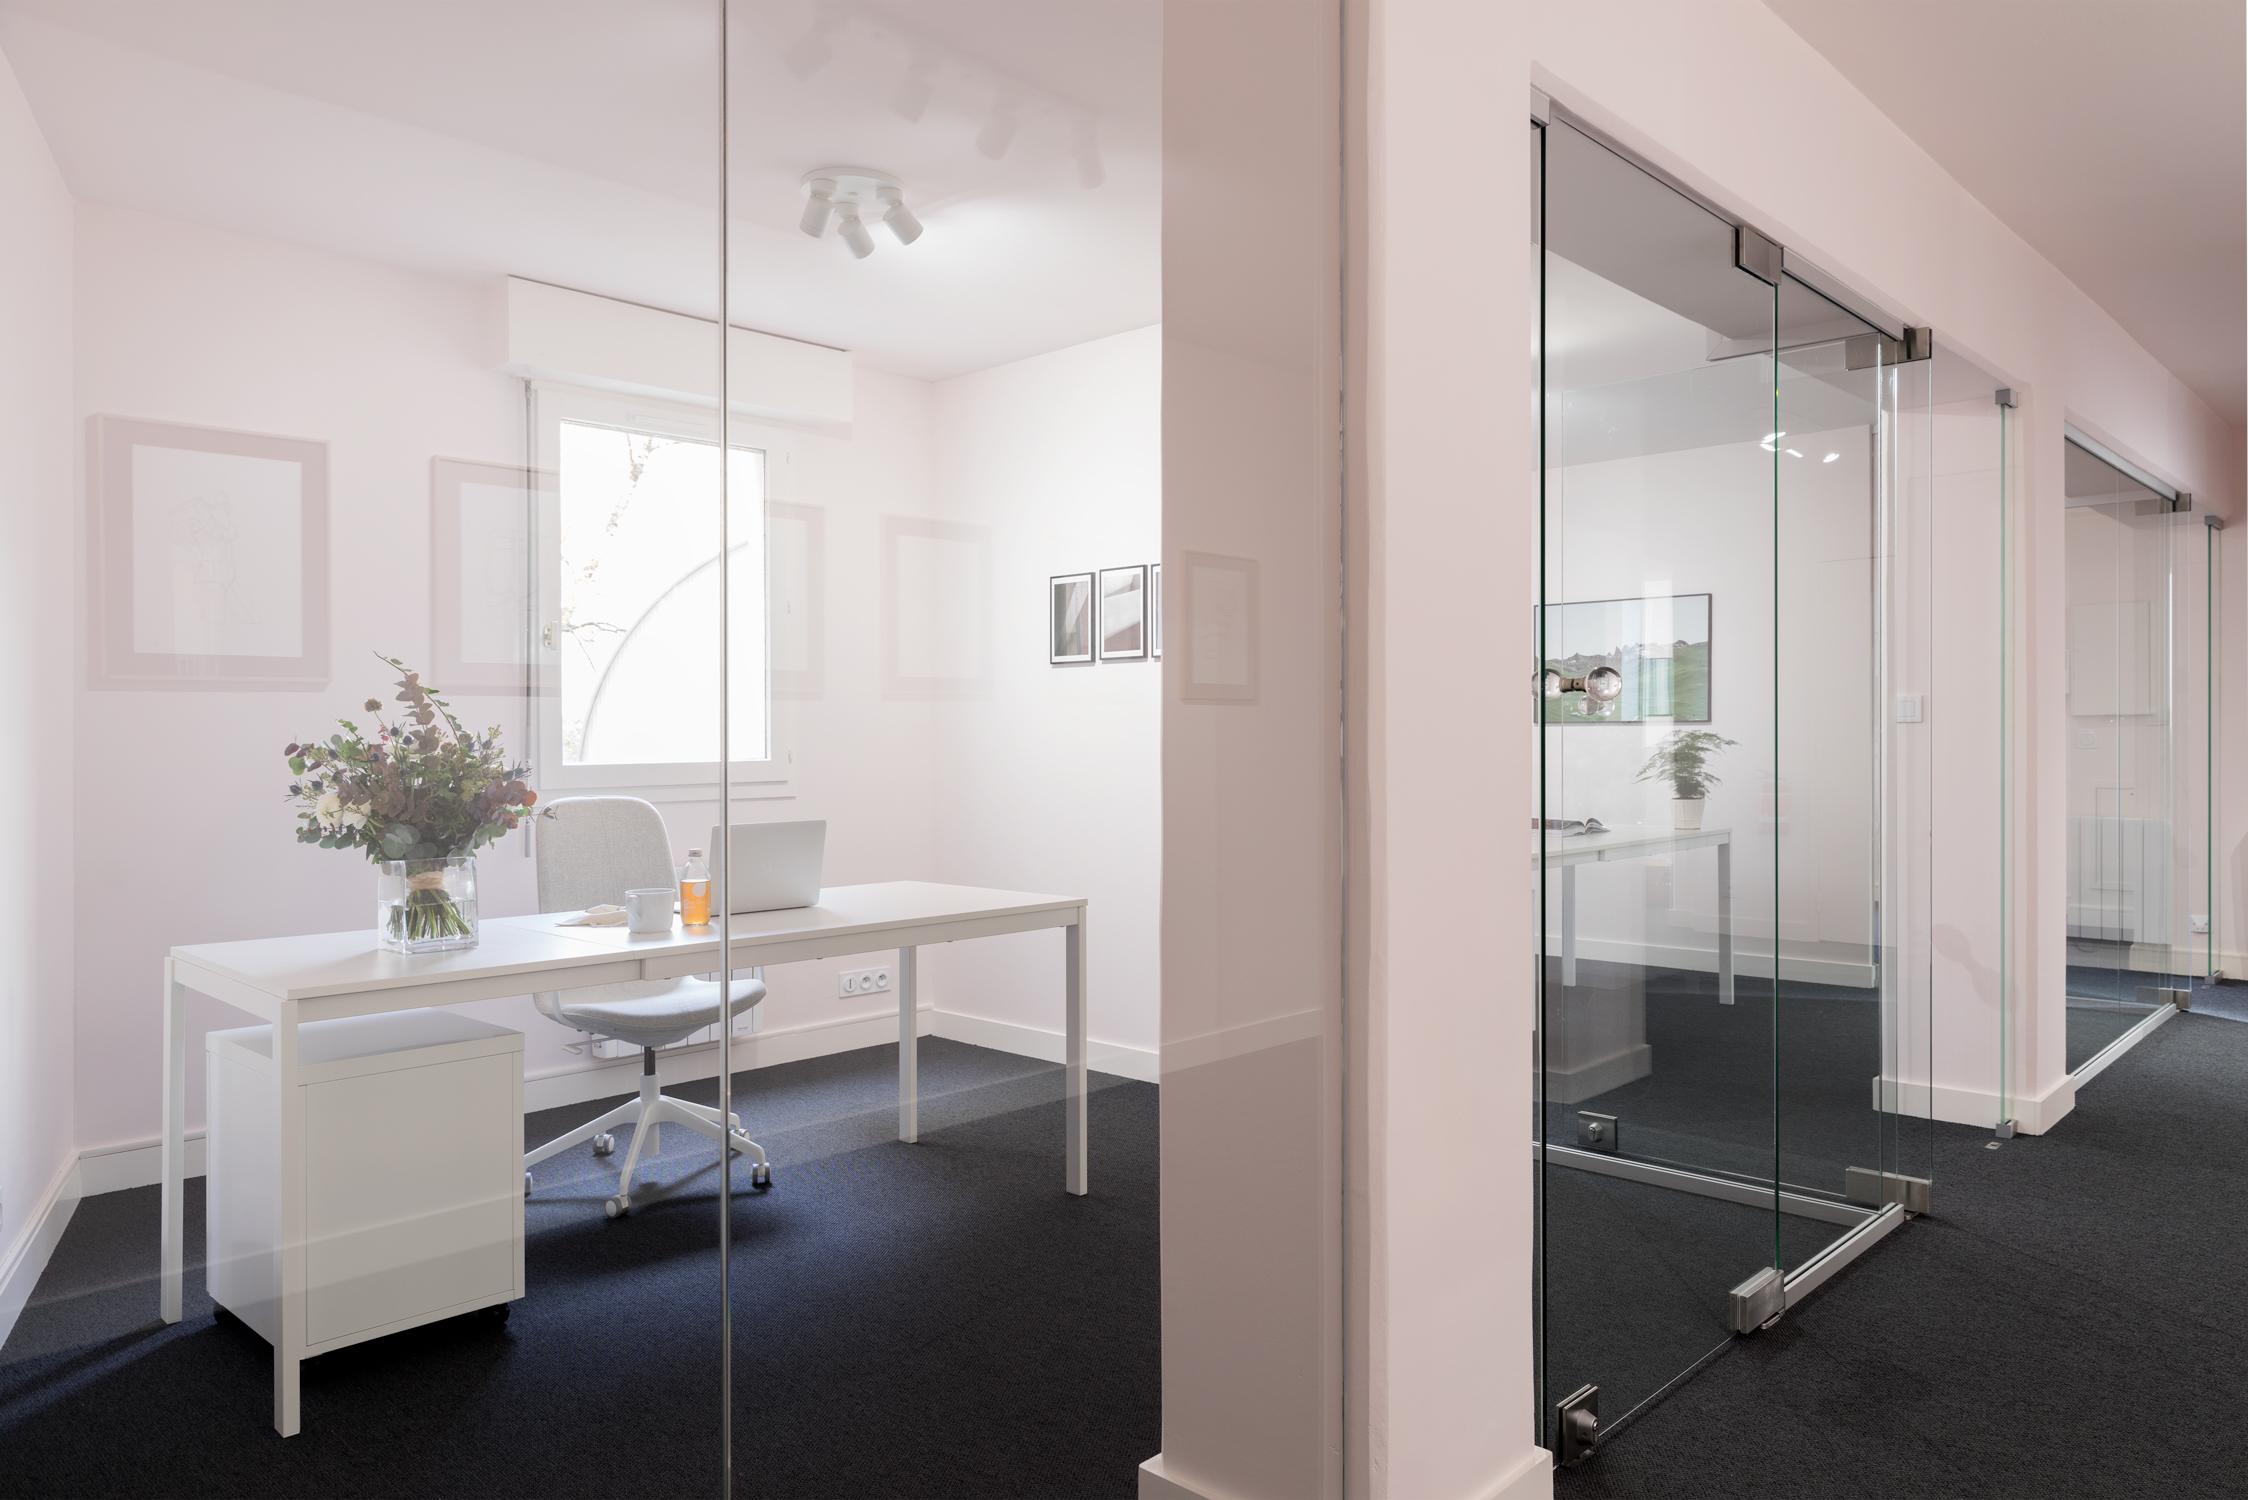 COTA - Terracota Office - BUREAUX RÉNOVÉS ET LOUÉS - LYON 2